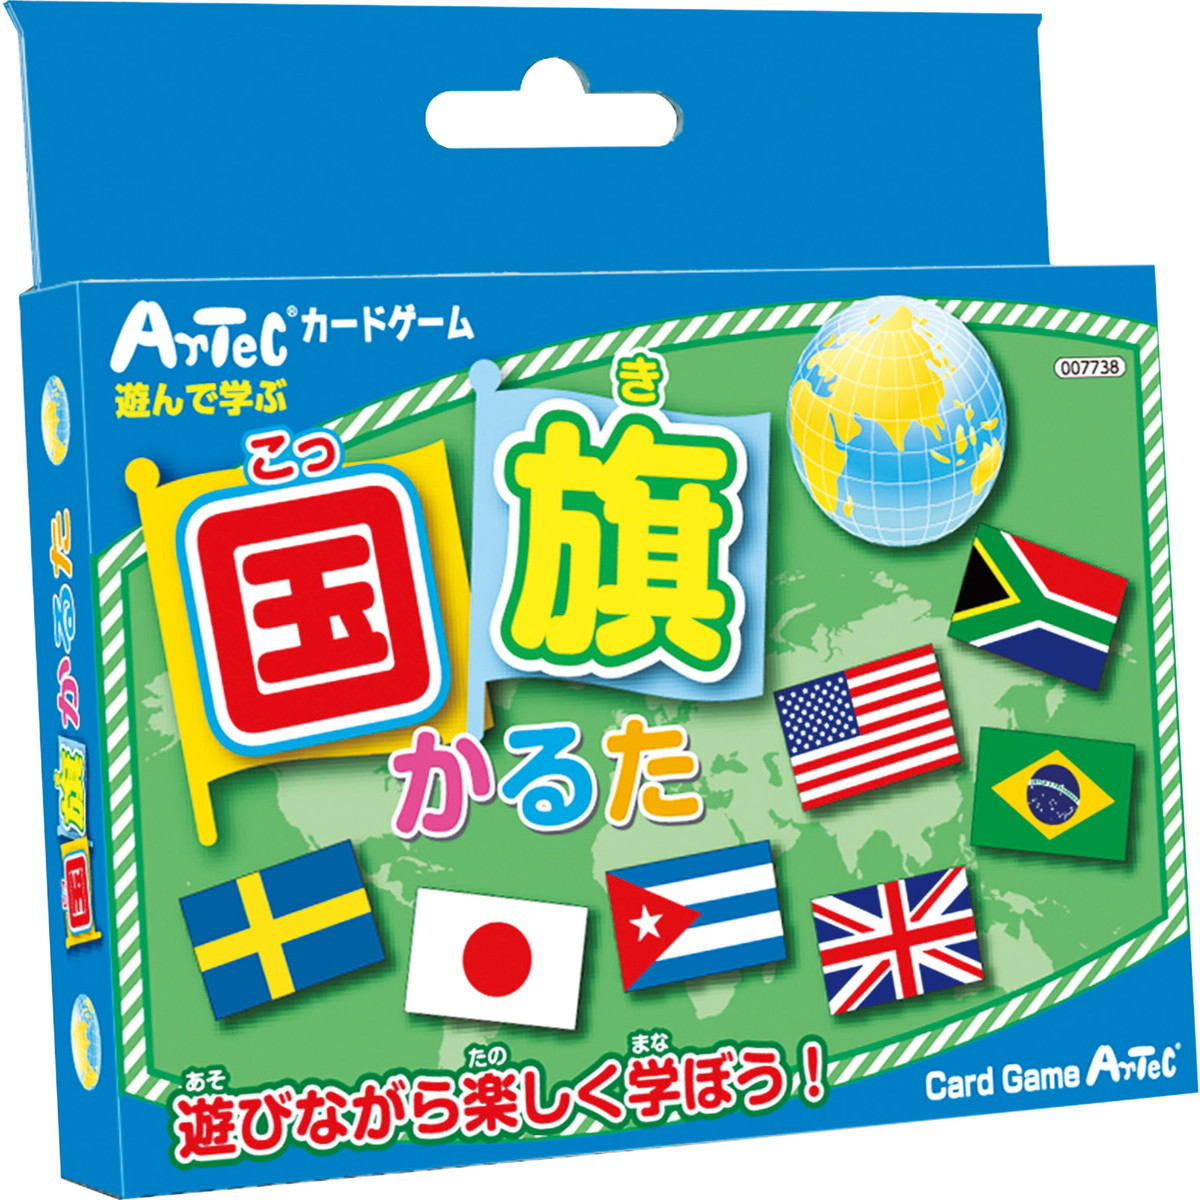 【メーカー欠品中 4月中旬入荷予定】Artec(アーテック) 国旗かるた #2525